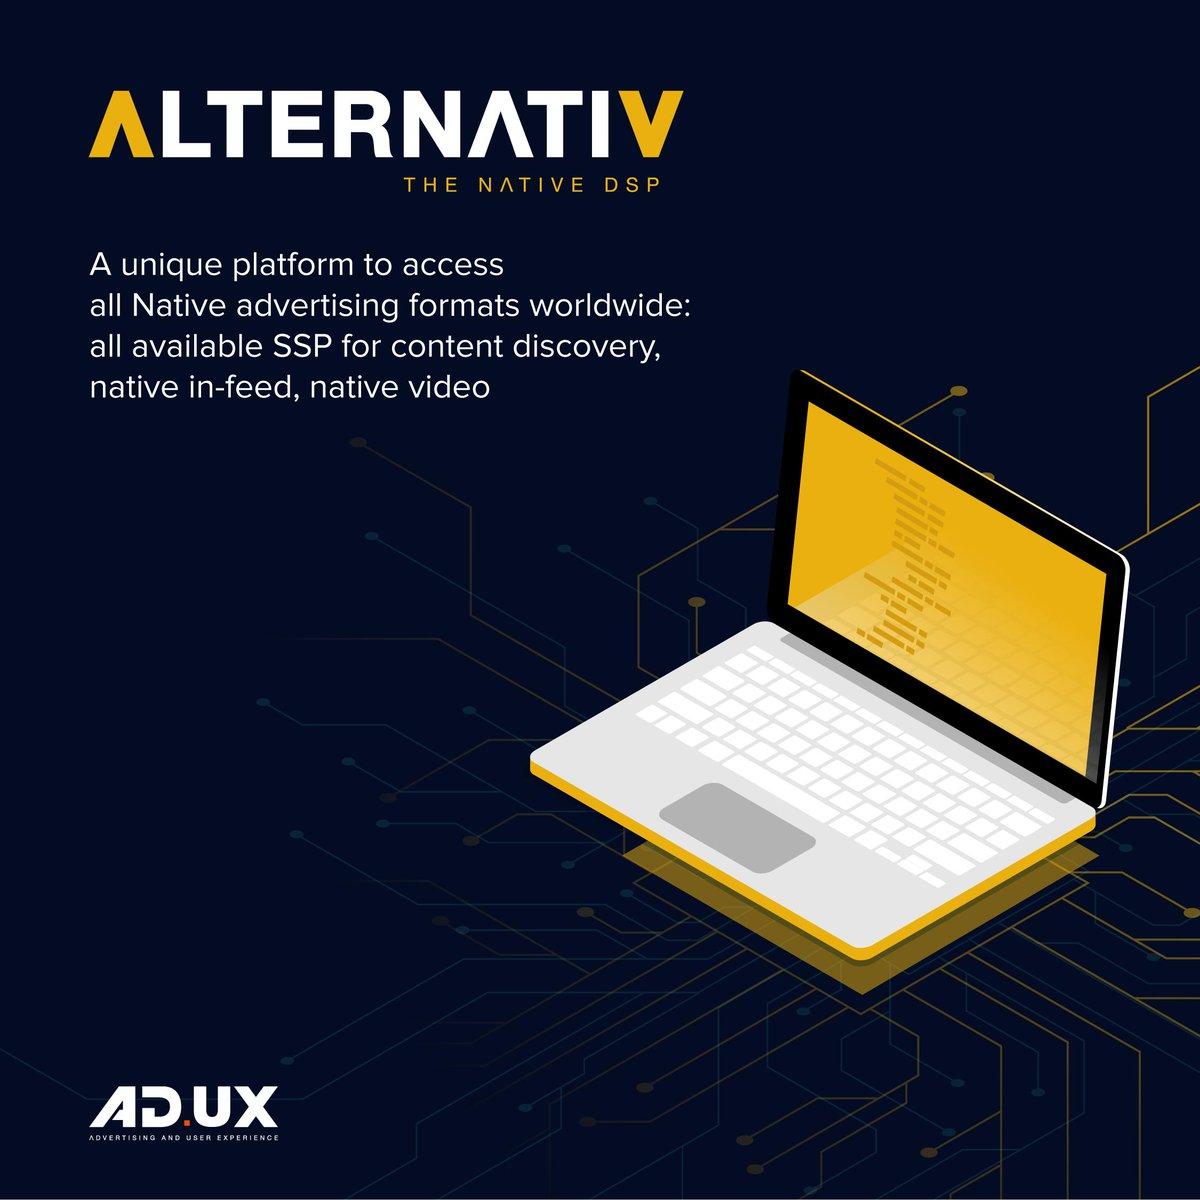 Notre plateforme d'achat Adysseum lancée courant 2017 devient ALTERNATIV. Ce changement s'accompagne d'un déploiement à travers l'Europe.  Plus d'infos ➡️ https://t.co/h3vo8RGN6L https://t.co/30U7UfX9oY